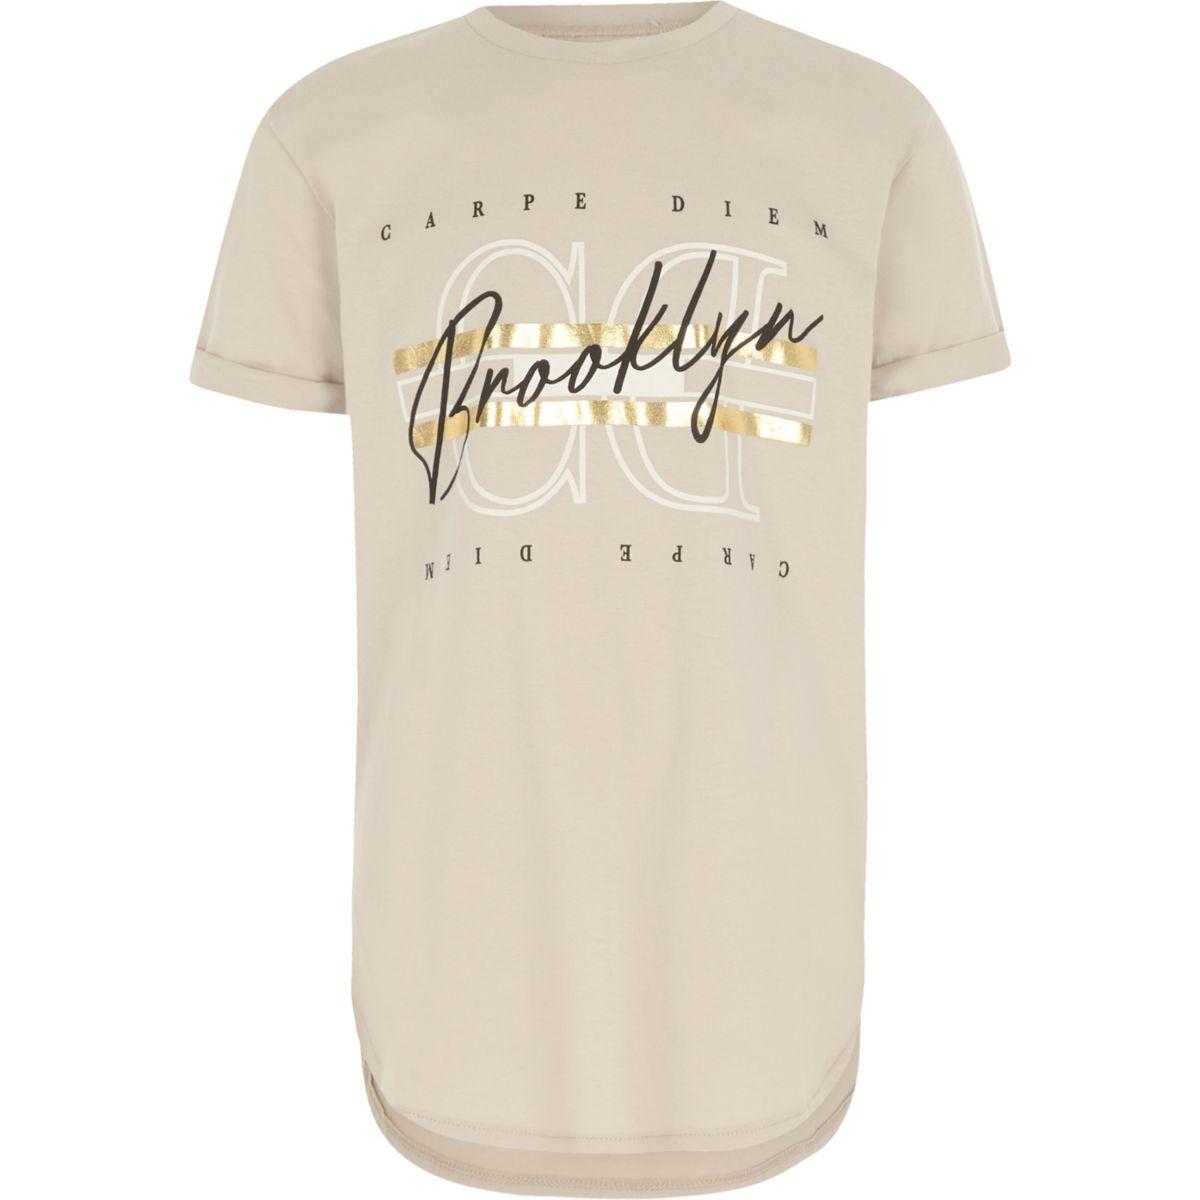 Boys stone 'carpe diem' print T-shirt